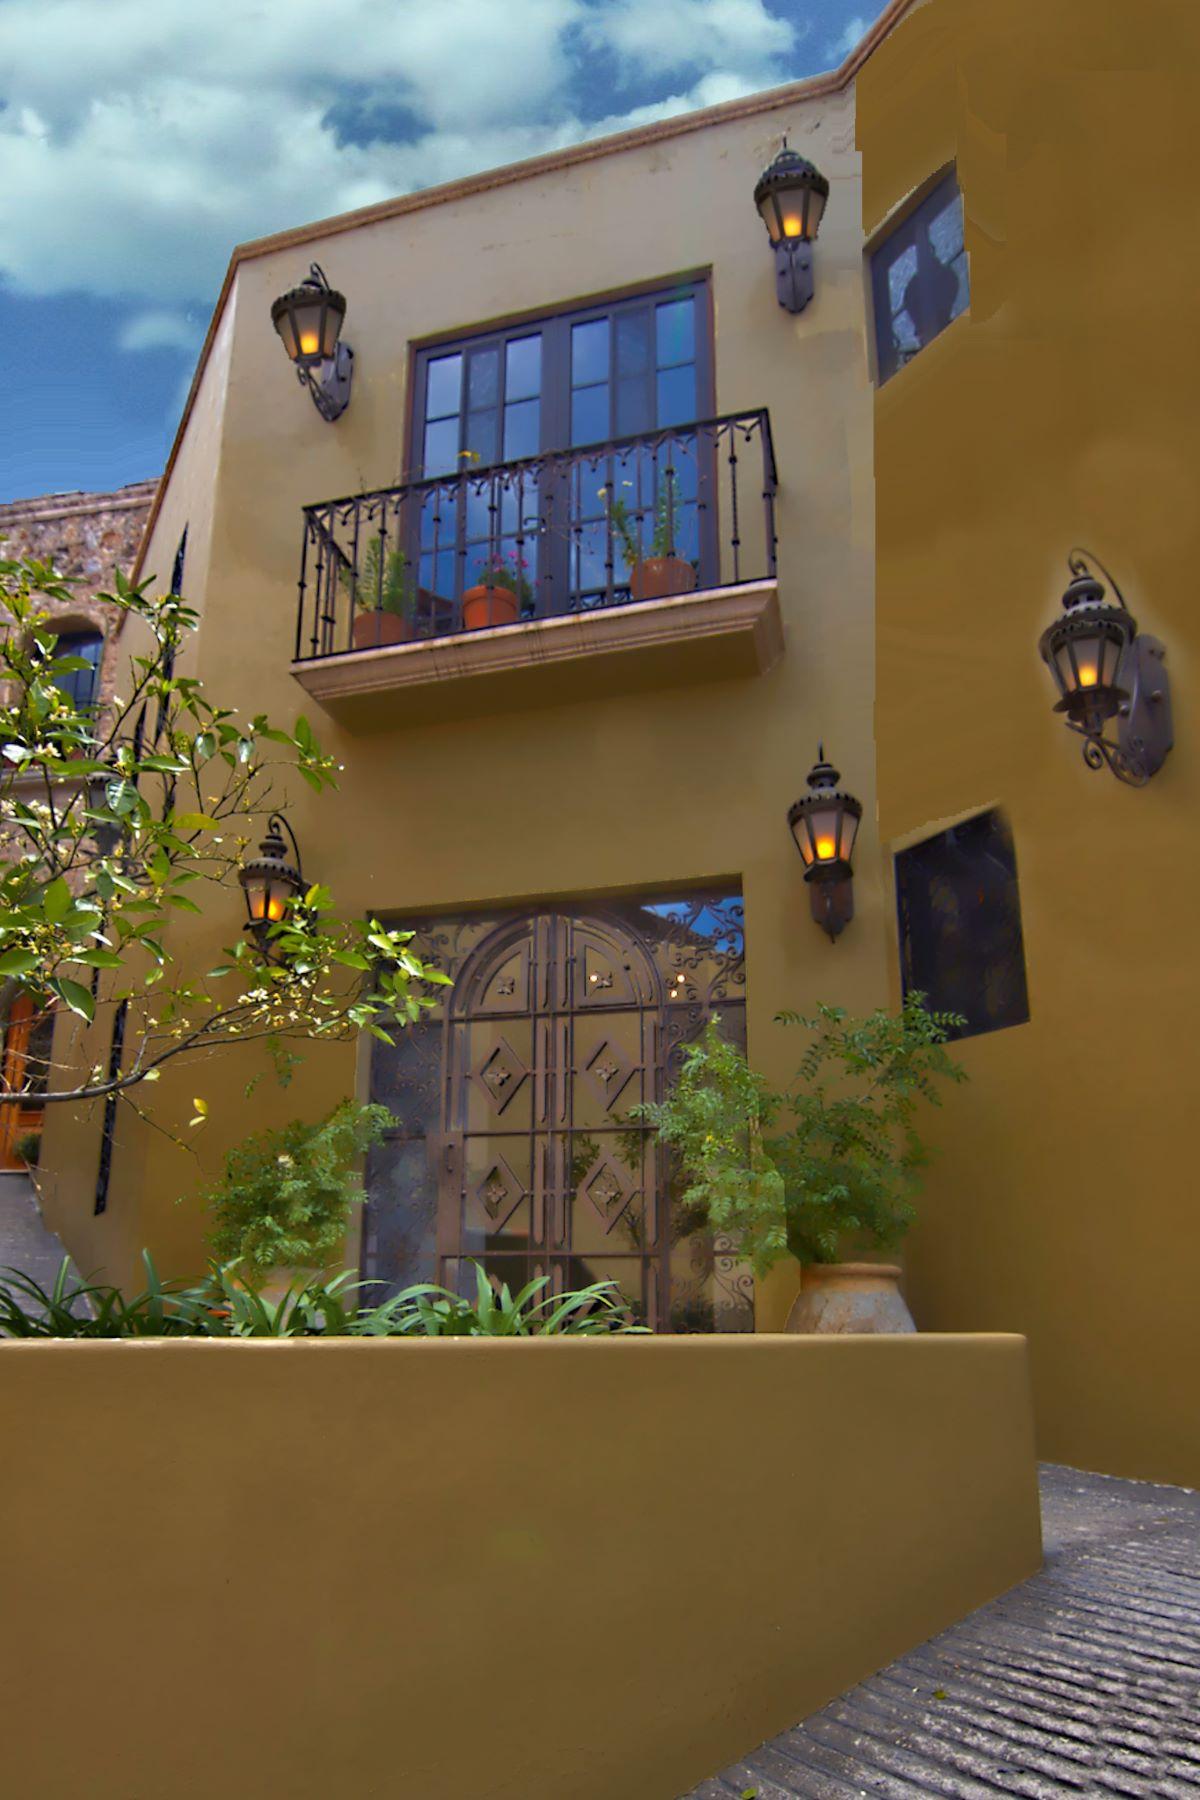 Maison unifamiliale pour l Vente à CASA CHEPITO Centro, San Miguel De Allende, Guanajuato Mexique